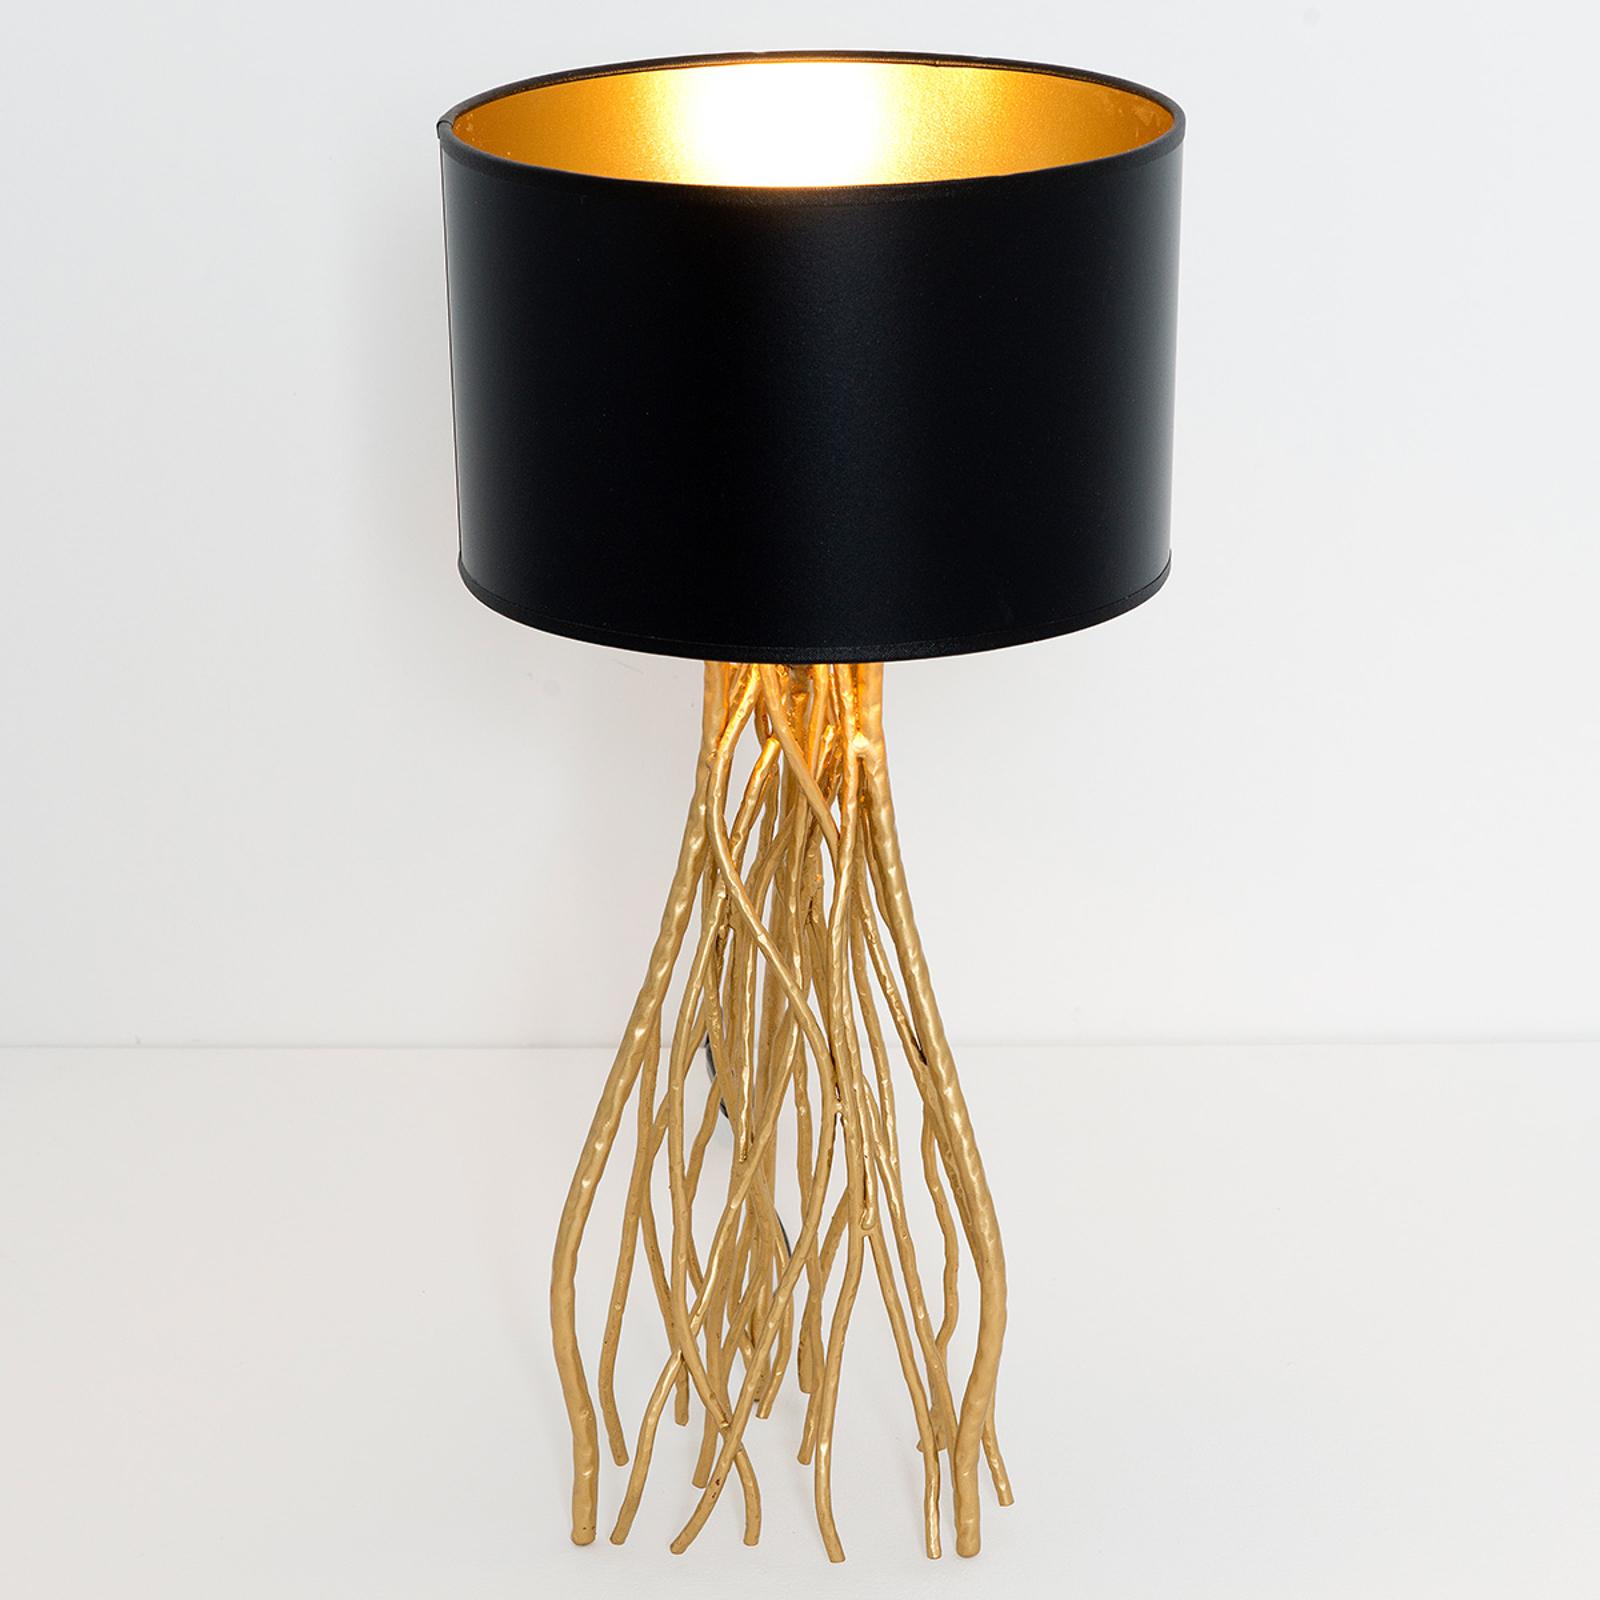 Acquista Lampada Da Tavolo Capri Rotonda Altezza 56 Cm Lampade It